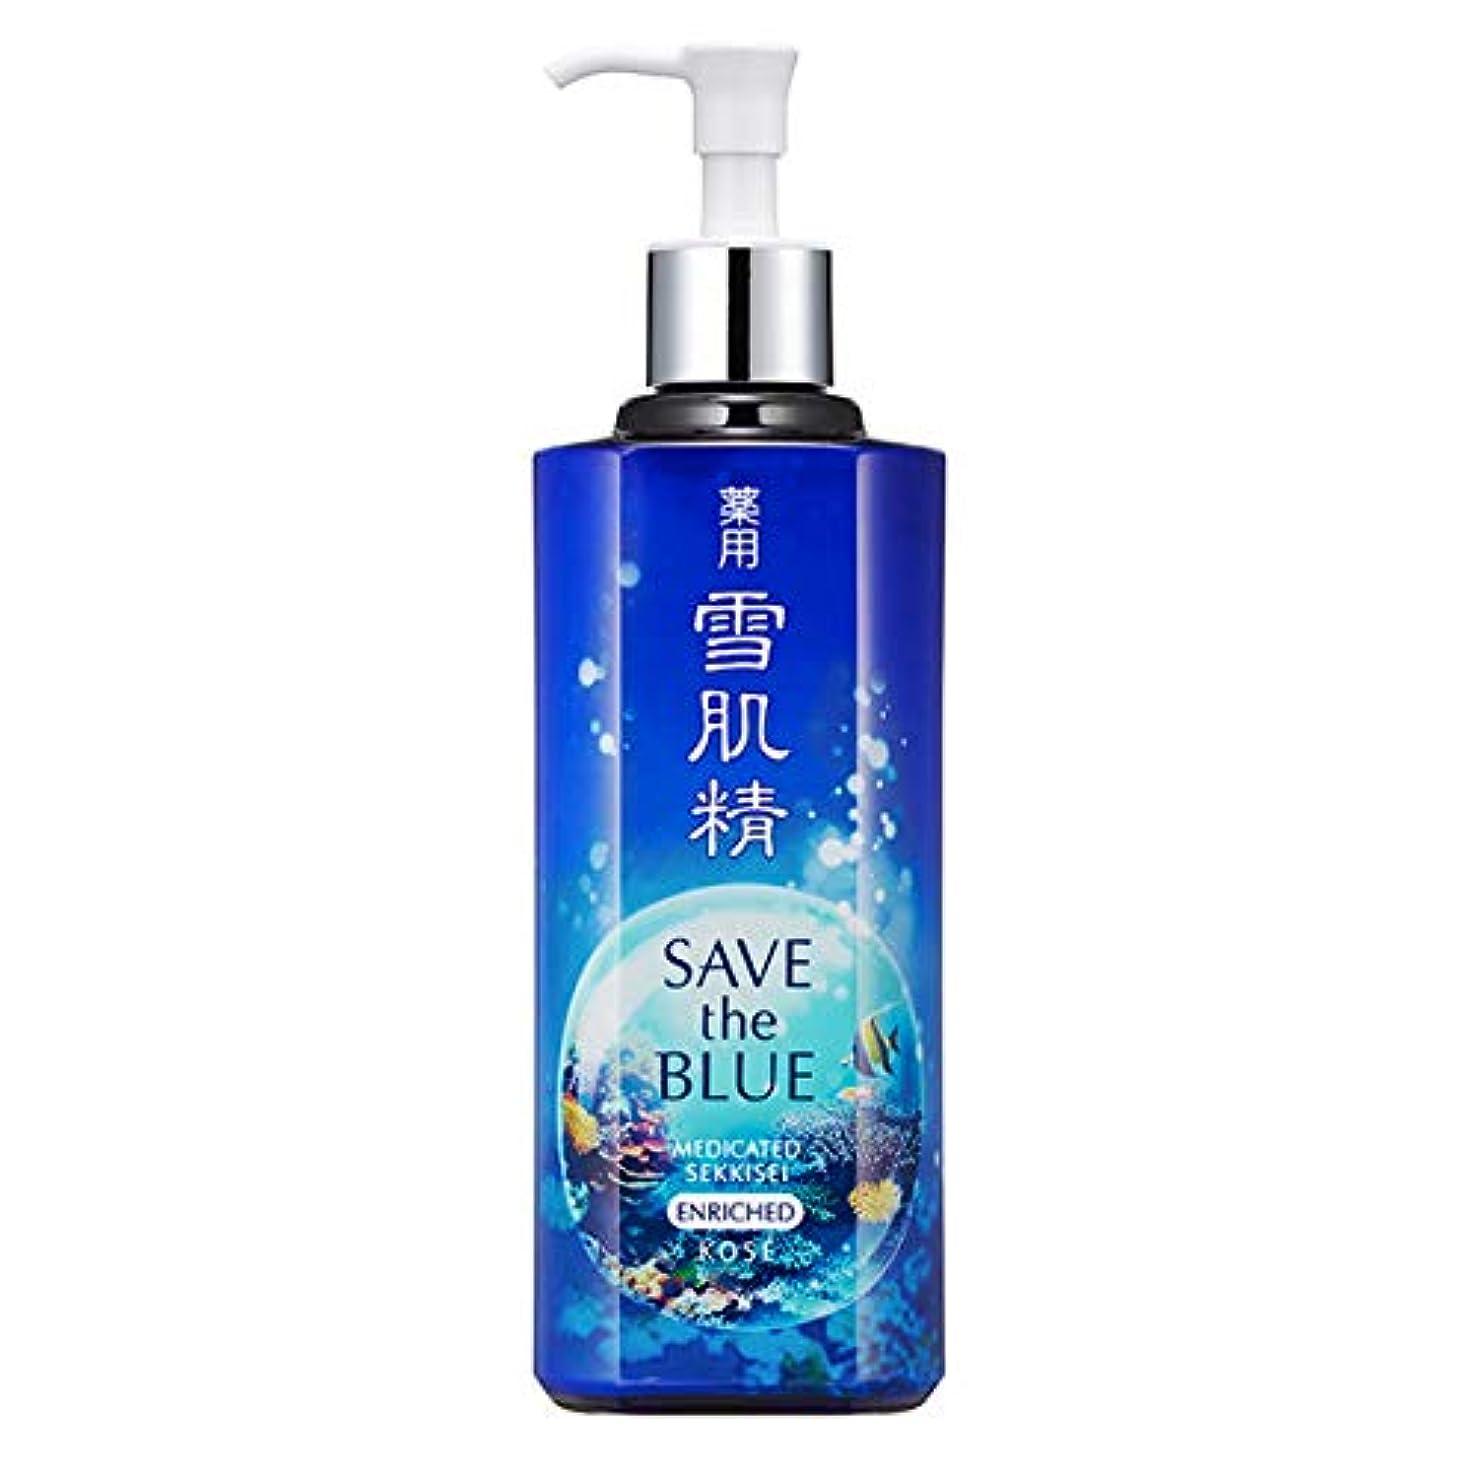 ドナー憎しみアートコーセー 雪肌精 エンリッチ 「SAVE the BLUE」デザインボトル(しっとりタイプ) 500ml